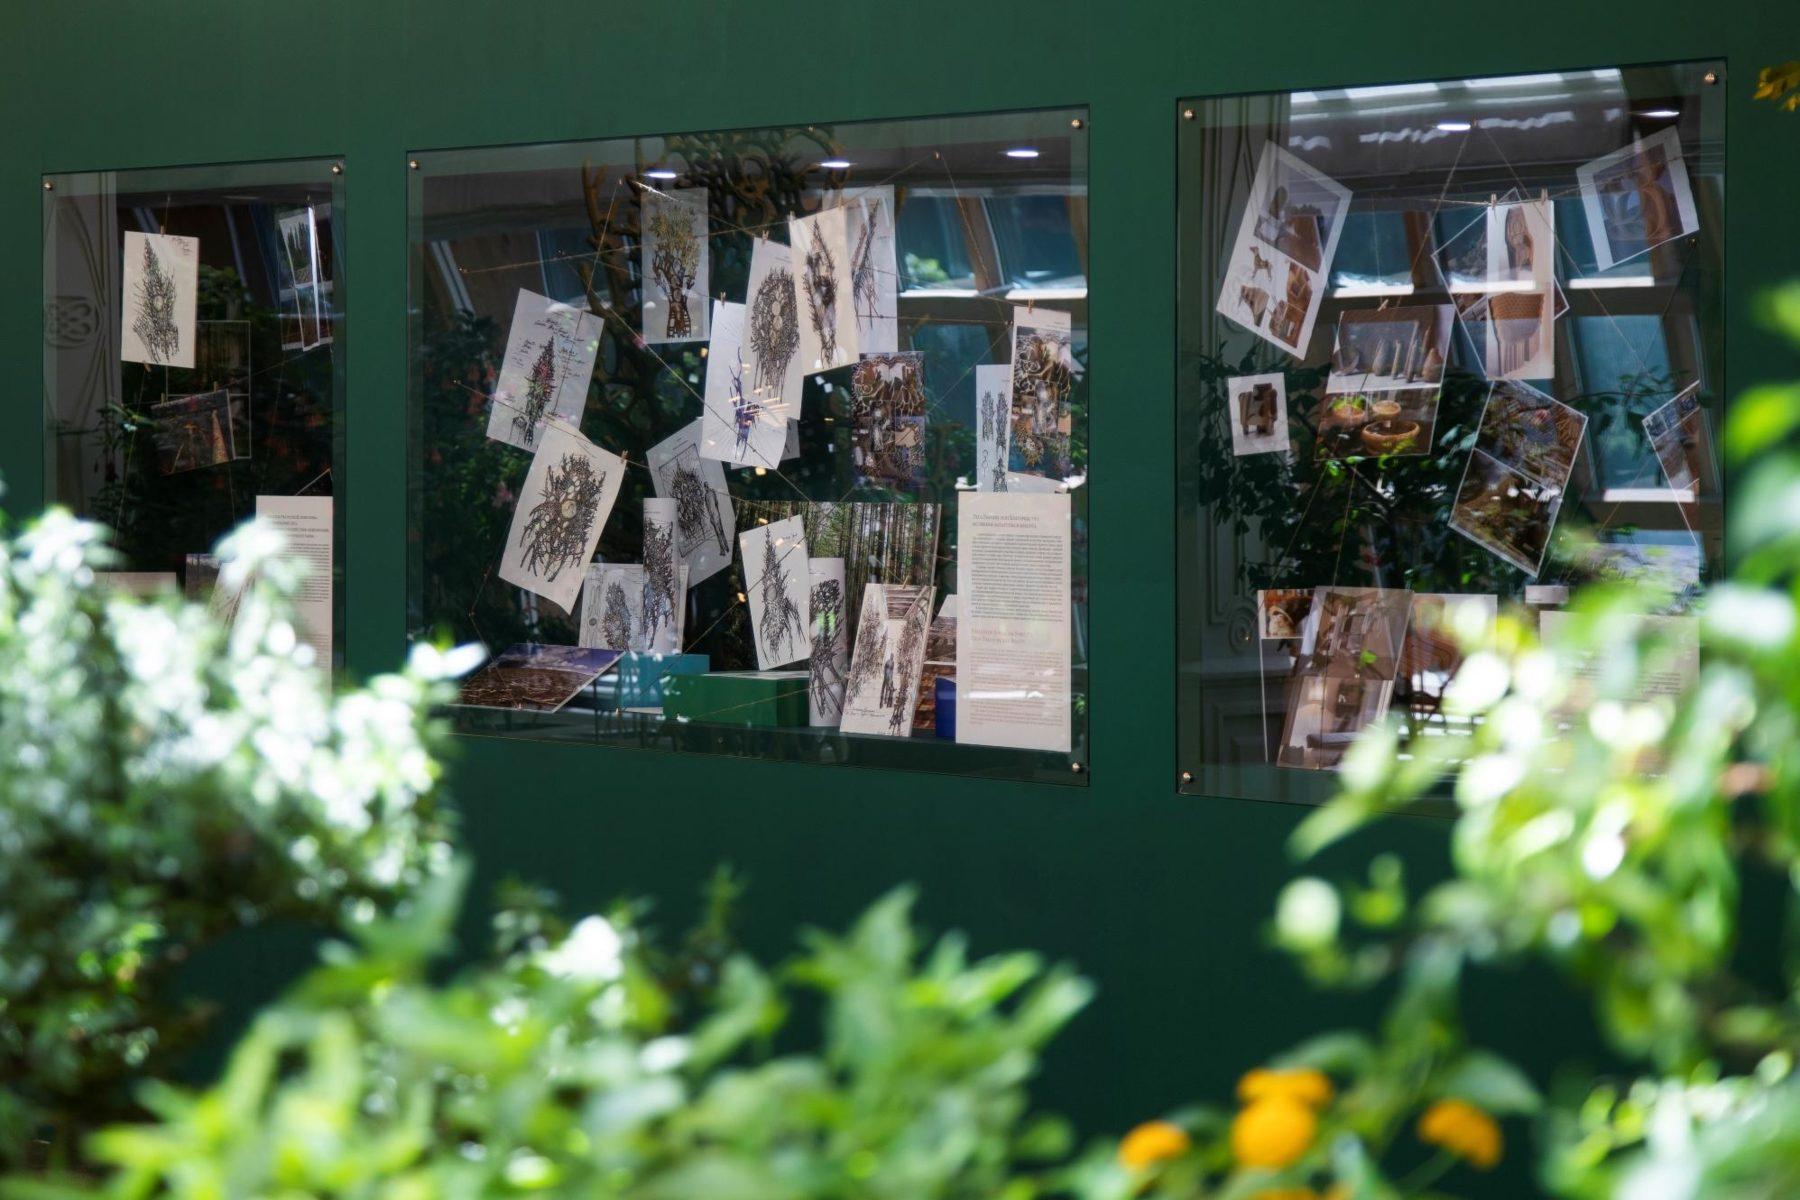 Выставка «Портреты современников. Отражения времён» в музее-заповеднике «Царицыно» – события на сайте «Московские Сезоны»